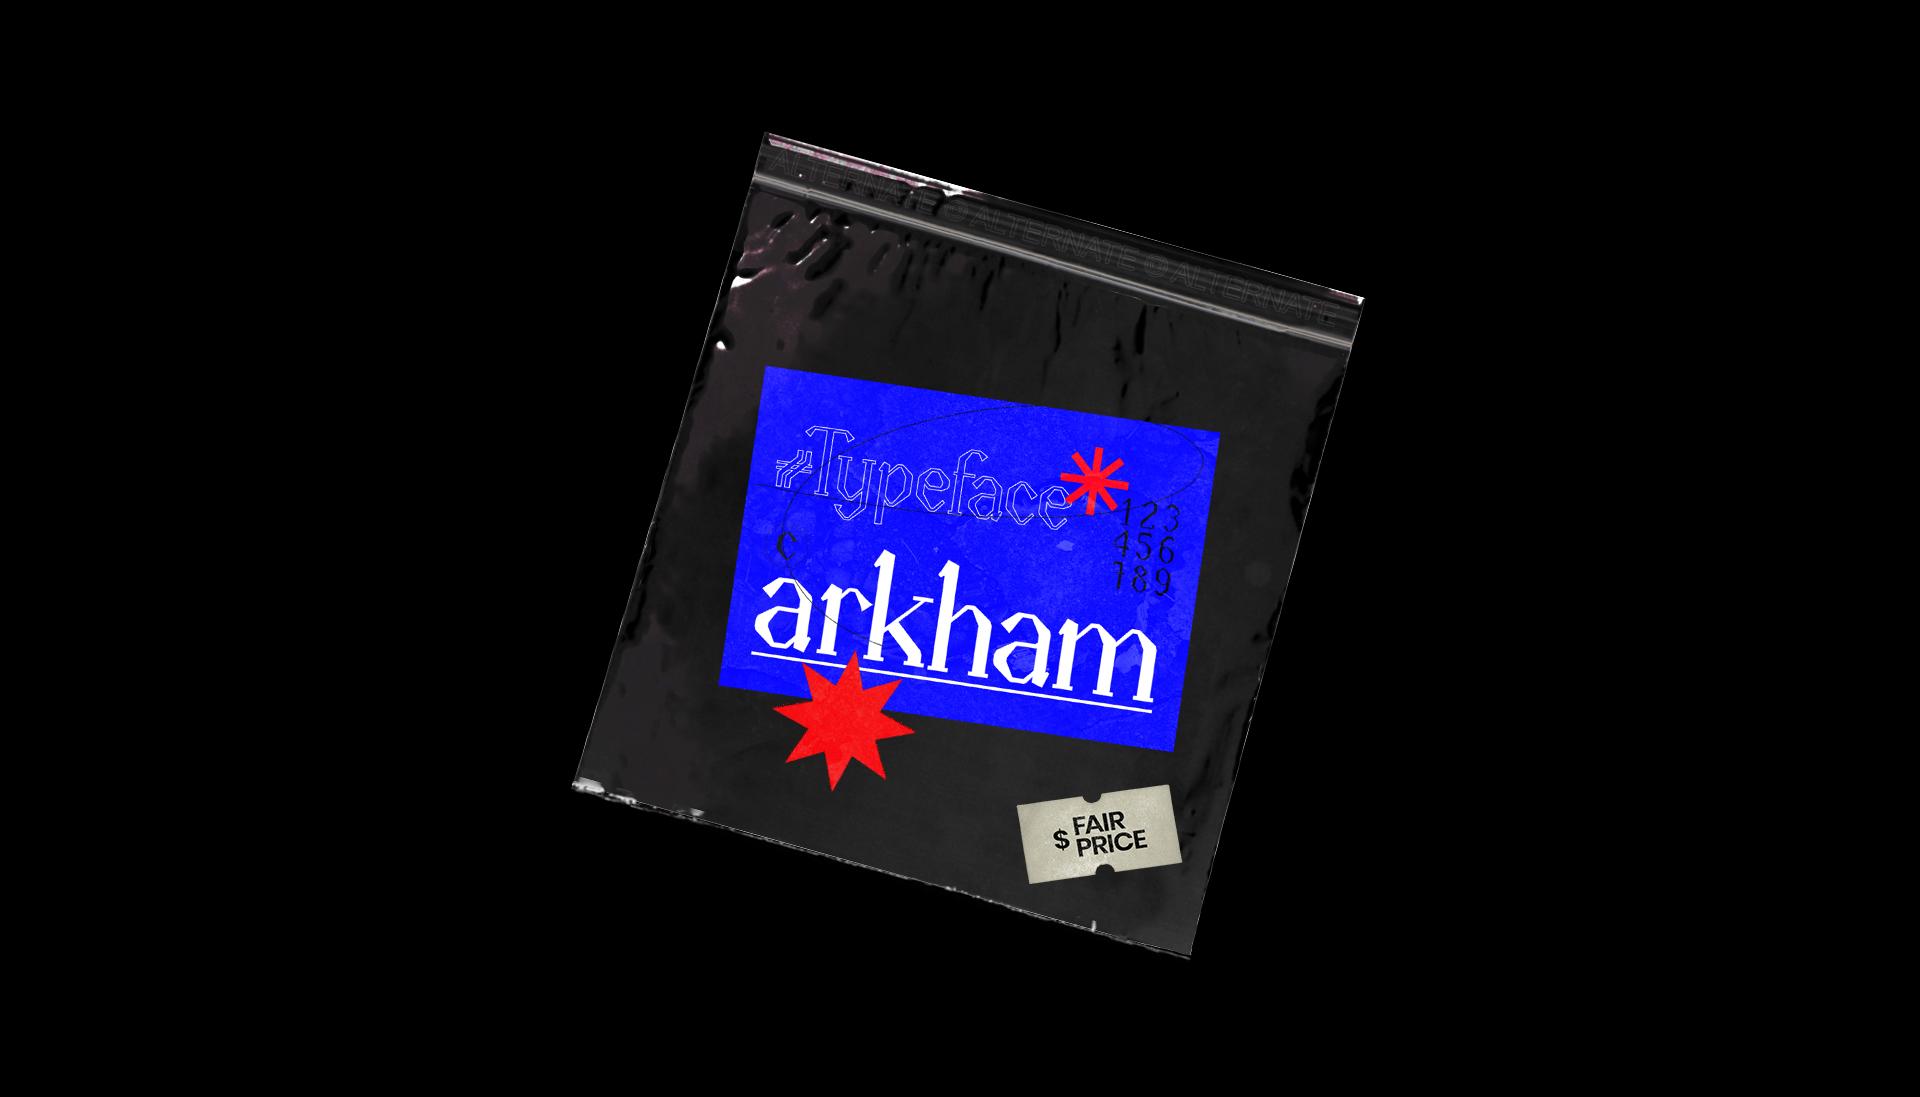 arkhamplastArkham copie 6